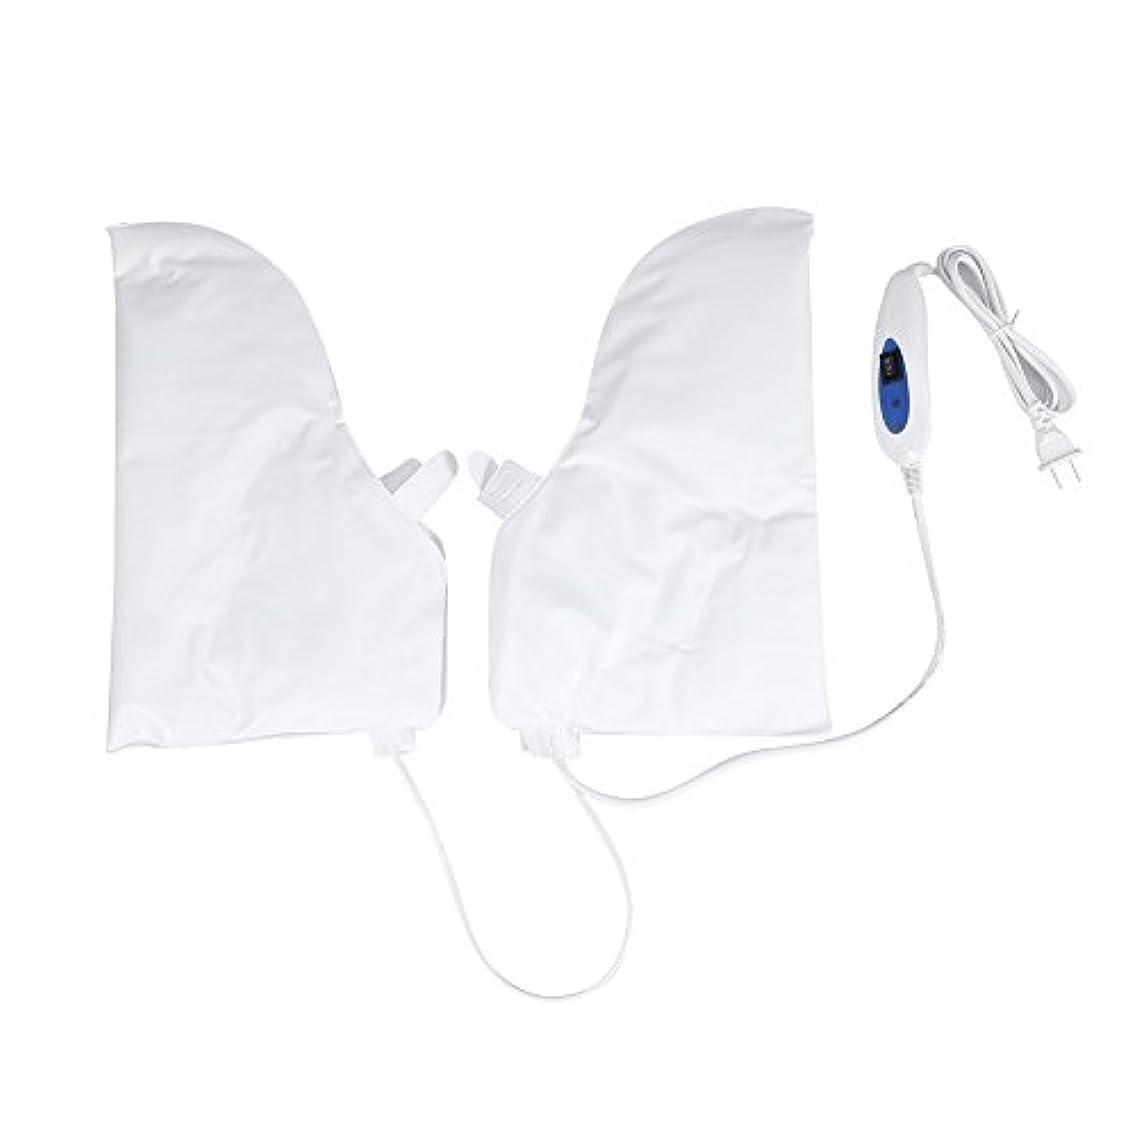 膨らみ追放吸収するハンドケア フットカバー 2 in 1 蒸し手袋 うるおい 保湿 保護 乾燥対策 手荒れ対策 補水 保湿 美白 しっとり 美容 手袋 加熱式 電熱手袋